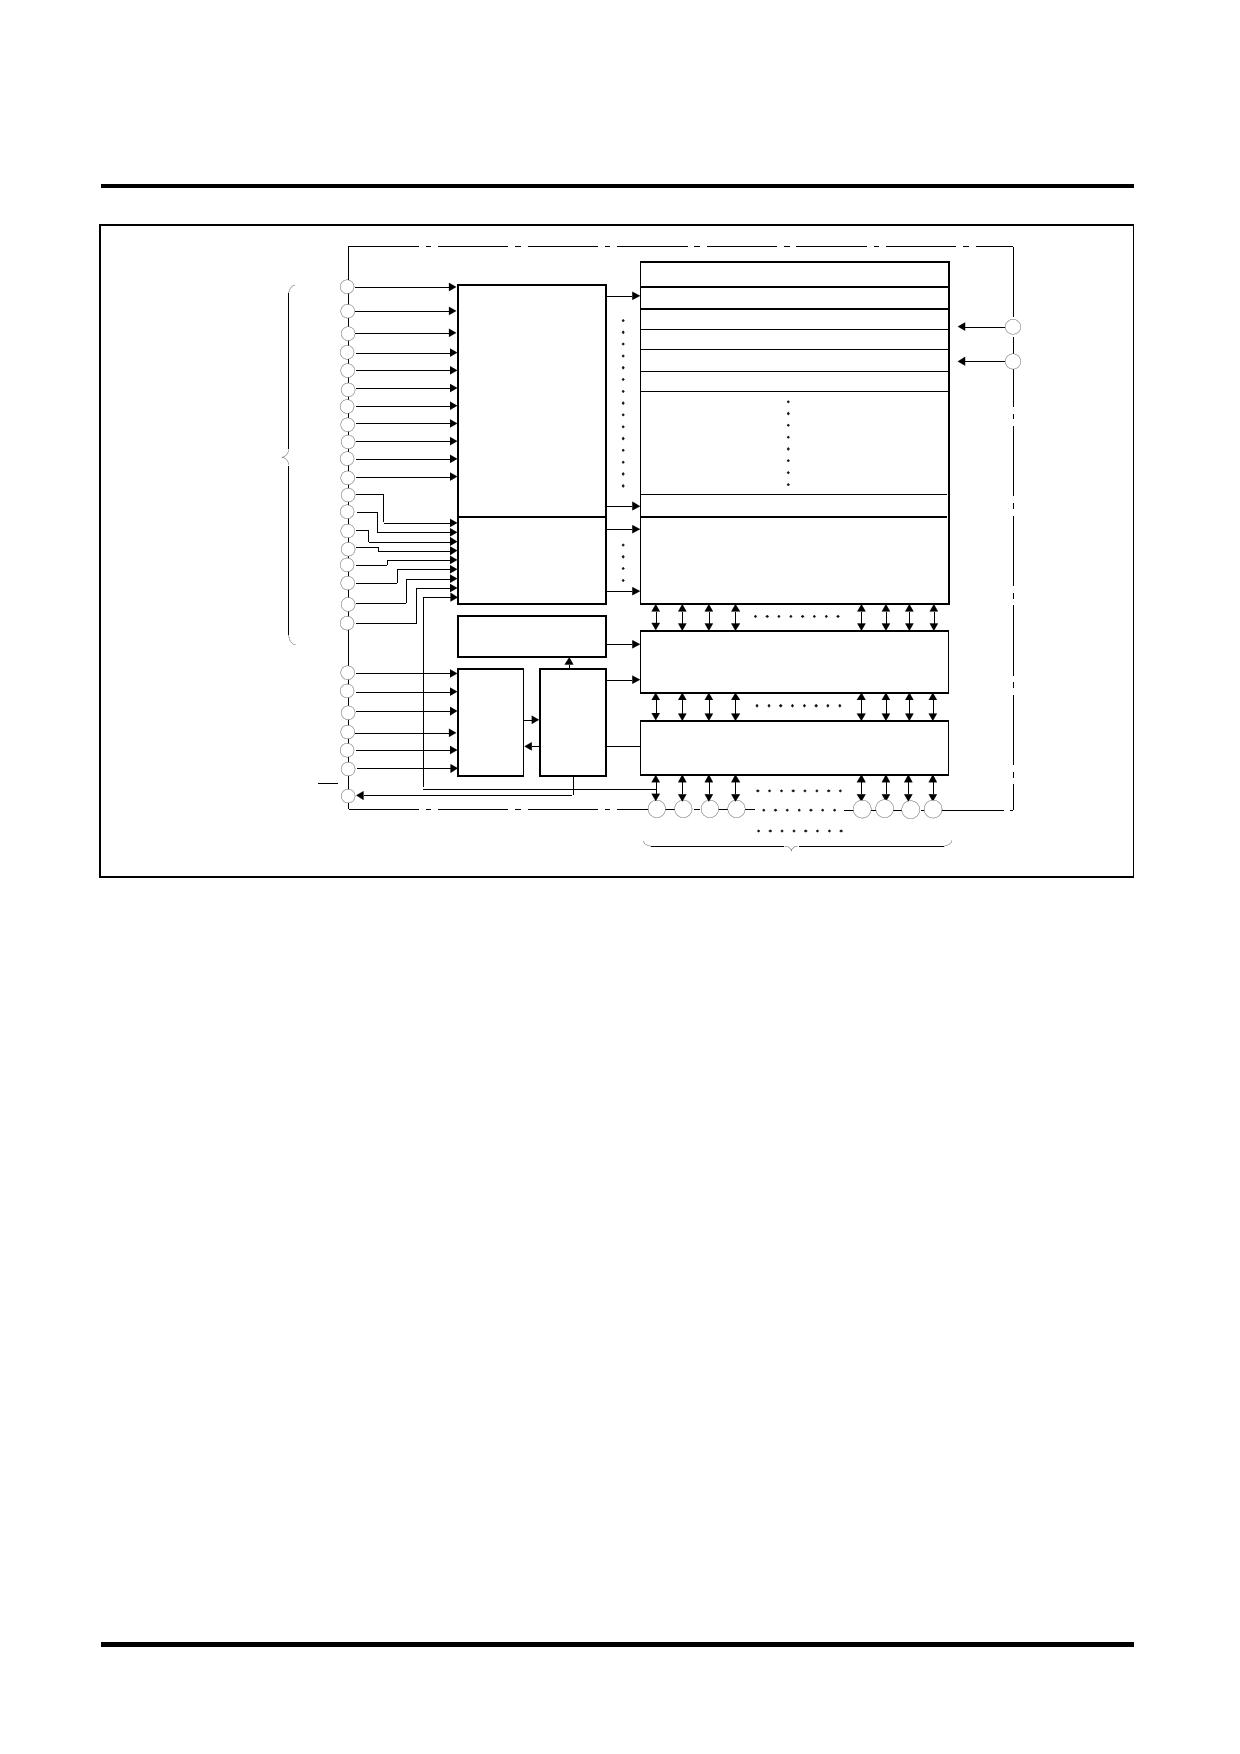 M5M29FB800VP-80 pdf, schematic